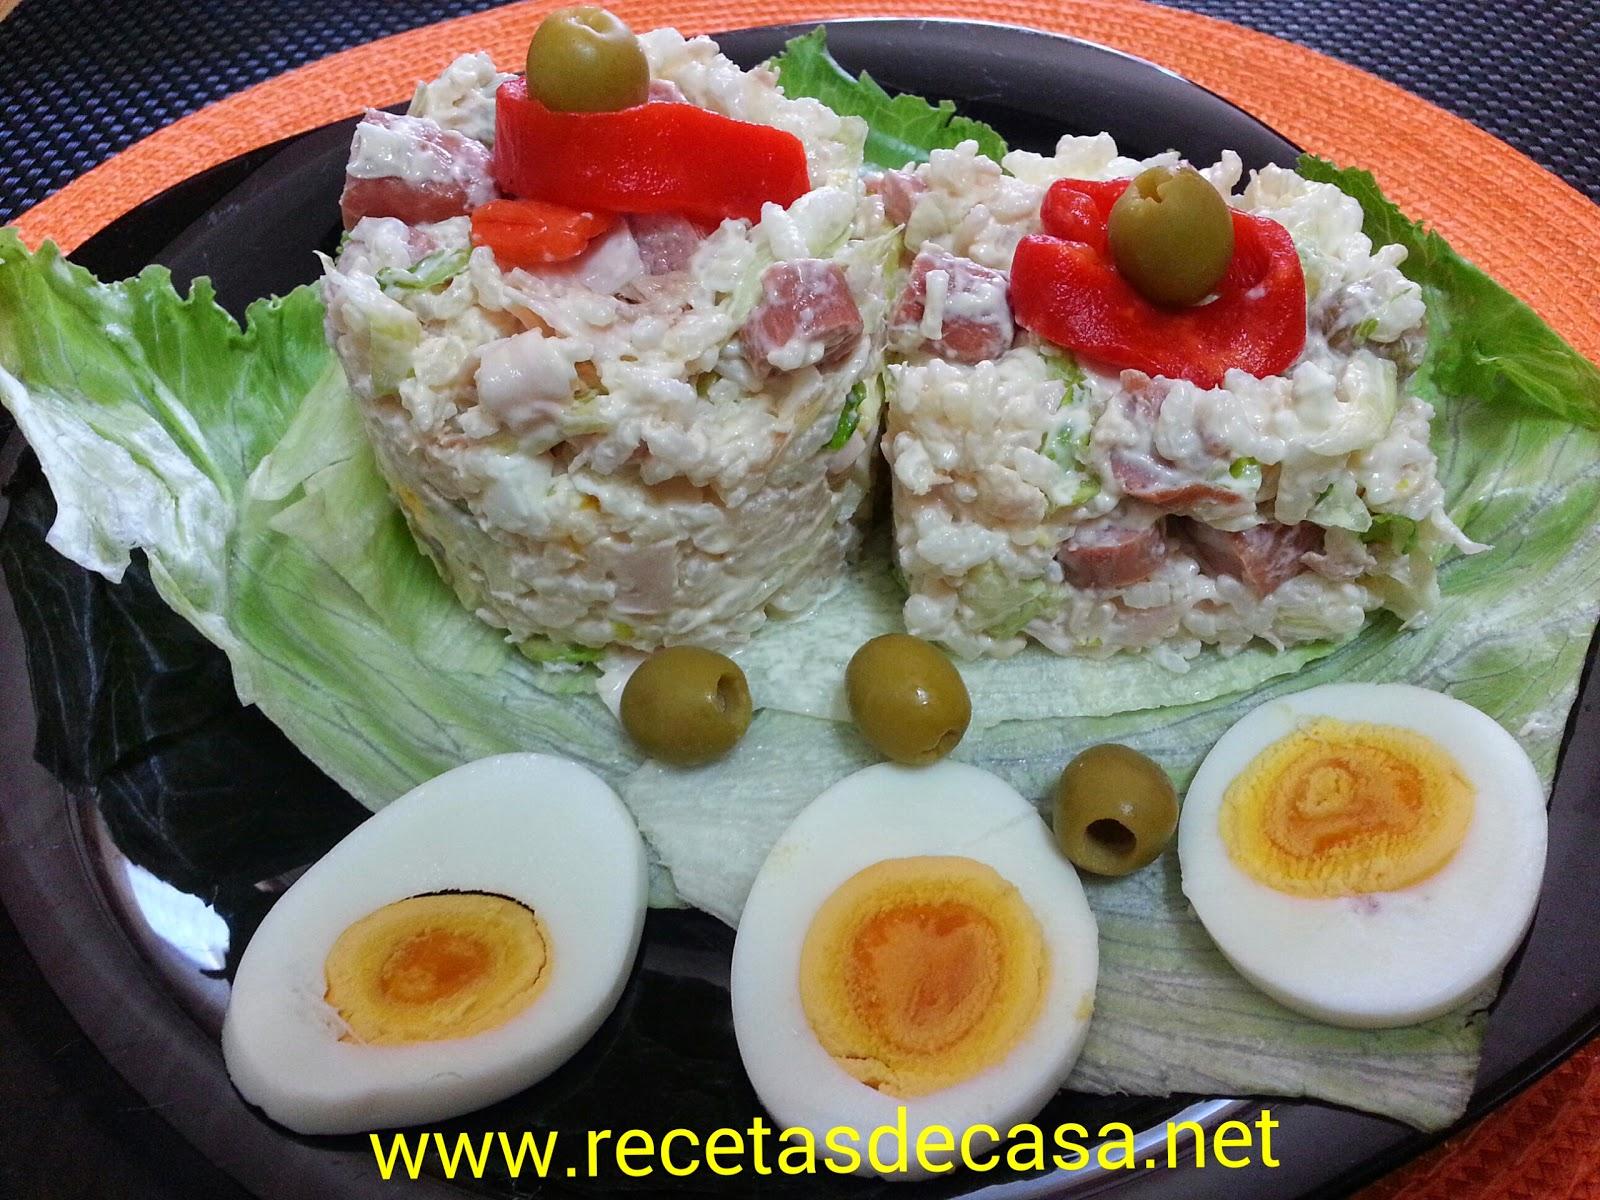 Ocho recetas fr as para verano la cocina de pedro y yolanda Como hacer comida facil y rapida en casa